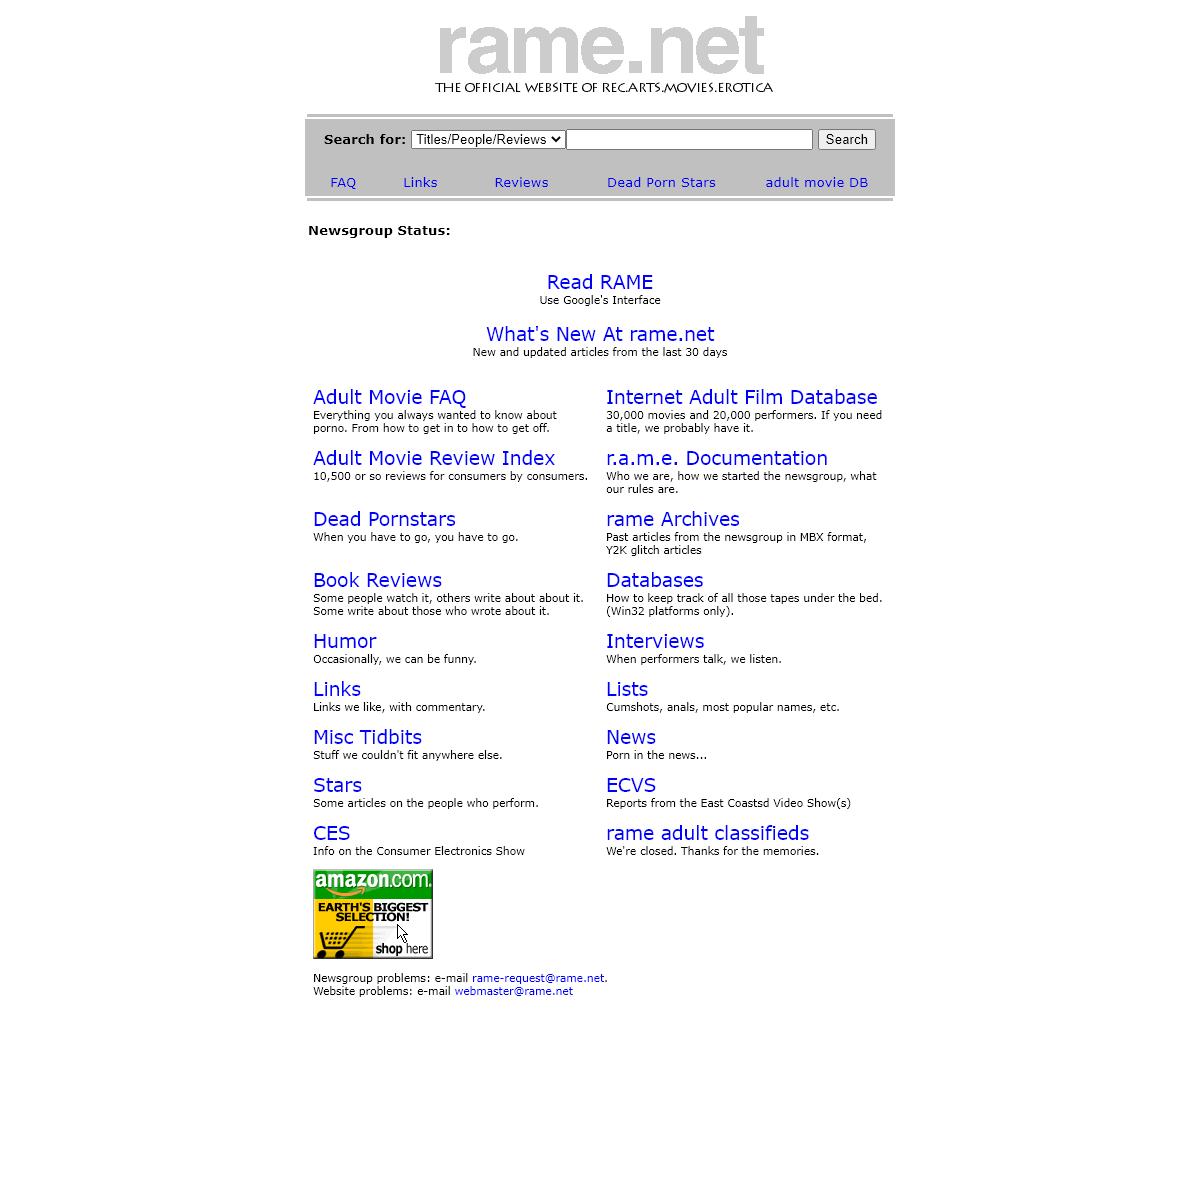 A complete backup of www.www.rame.net